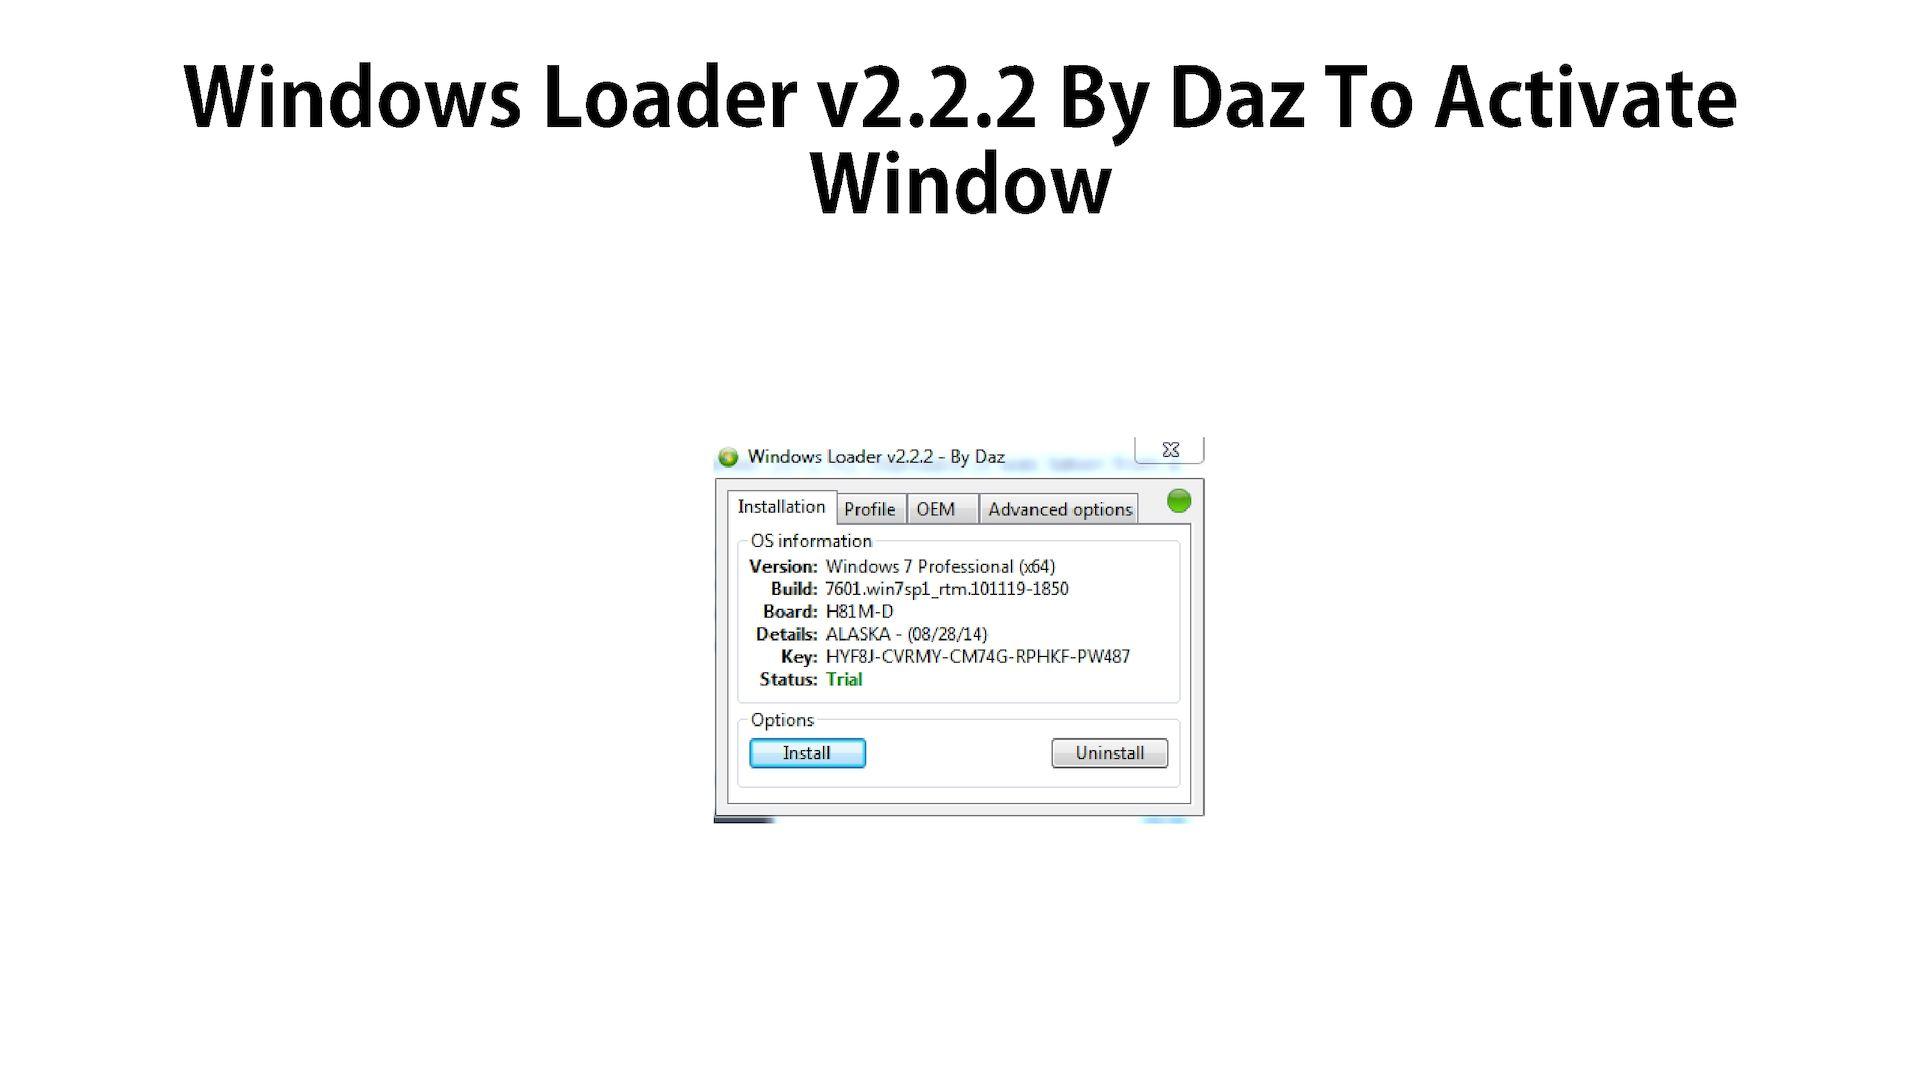 windows 7 loader activator v2.2.2 free download